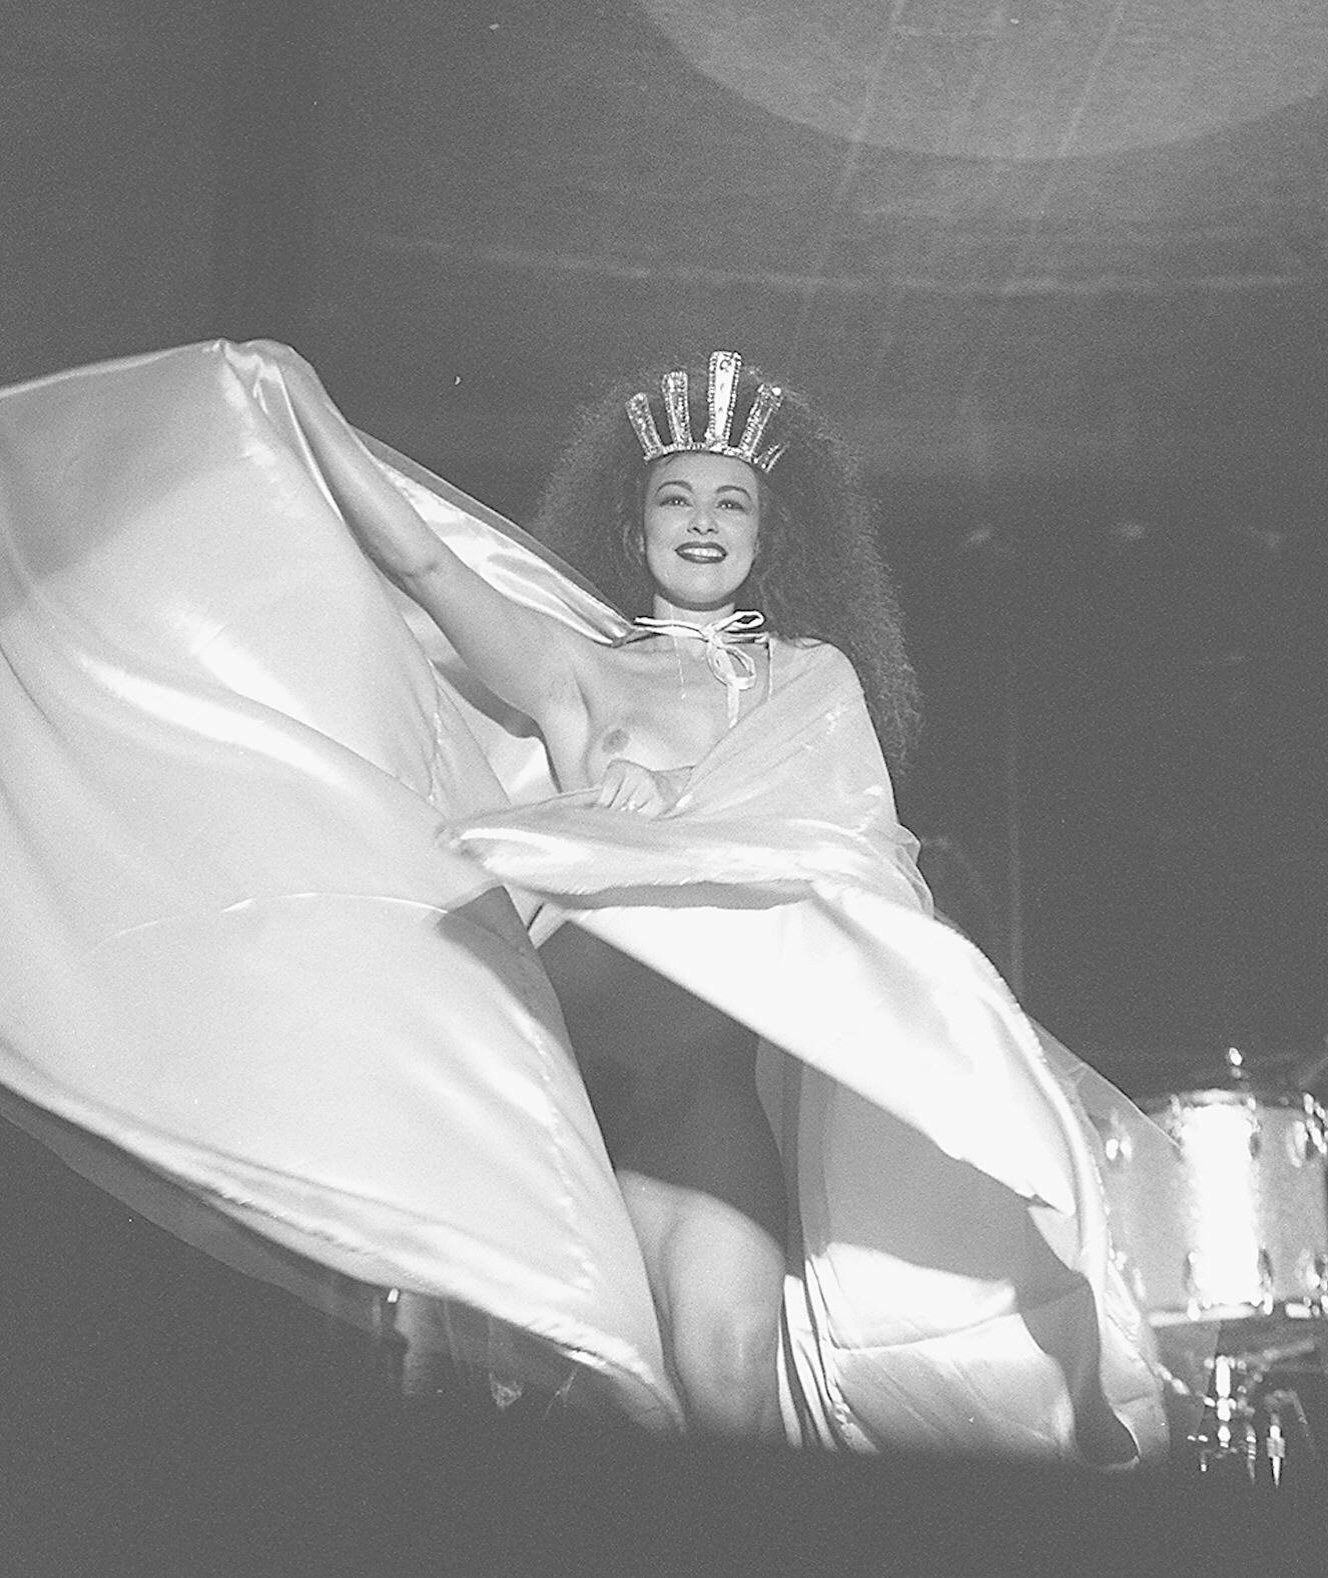 28.jan.1995 - A modelo Valéria Mendonça aparece nua durante a música